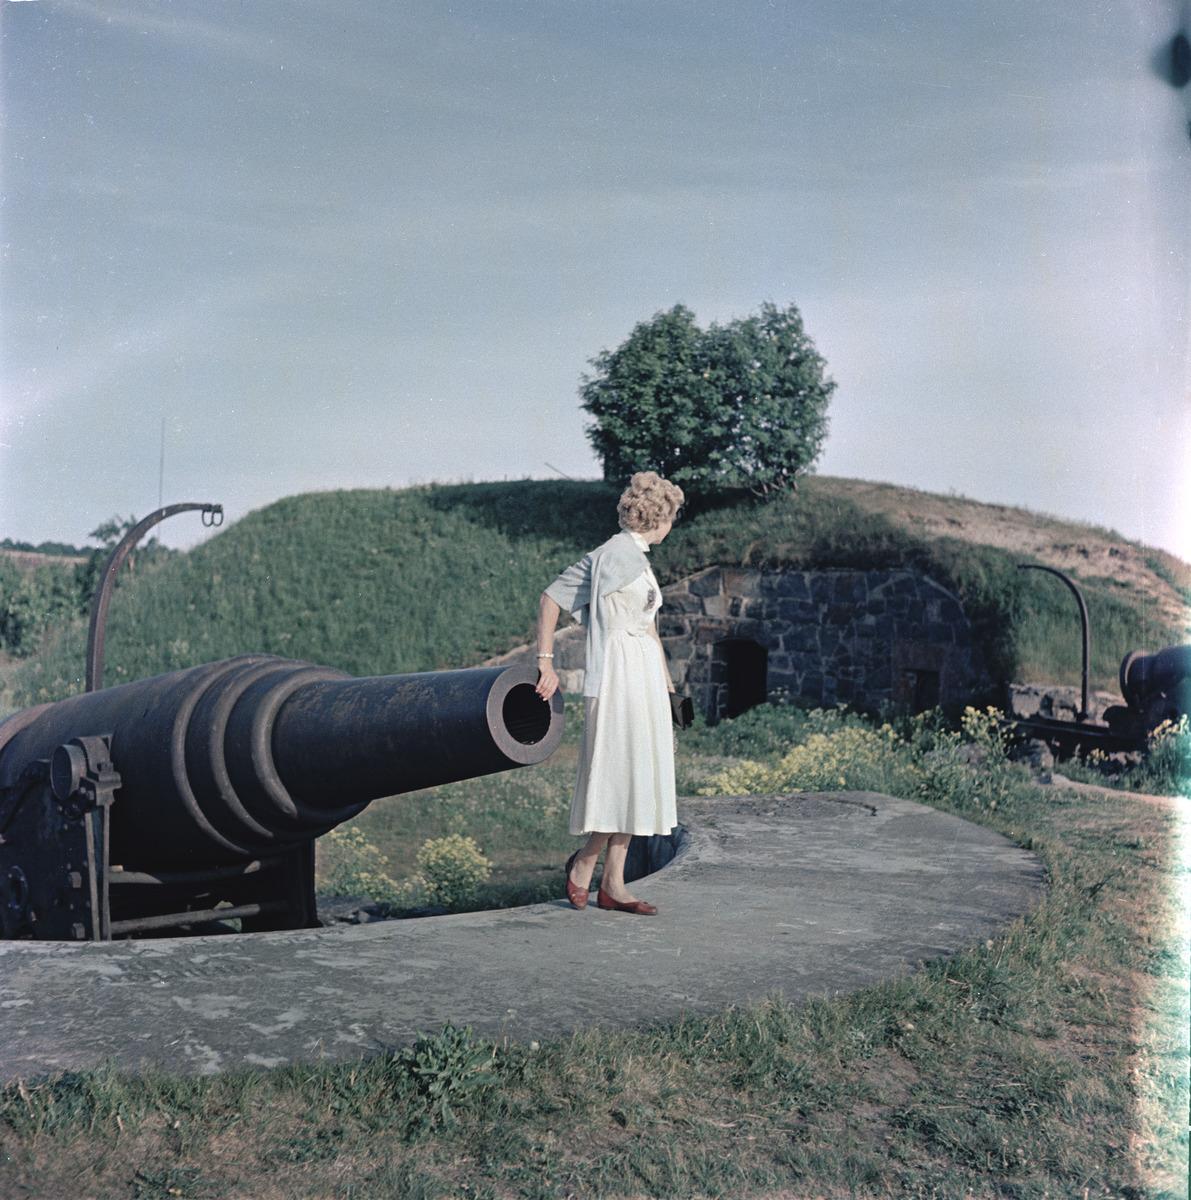 Gisela von Bonin, valokuvaaja Volker von Boninin vaimo, Suomenlinnassa Kustaanmiekan valleilla.